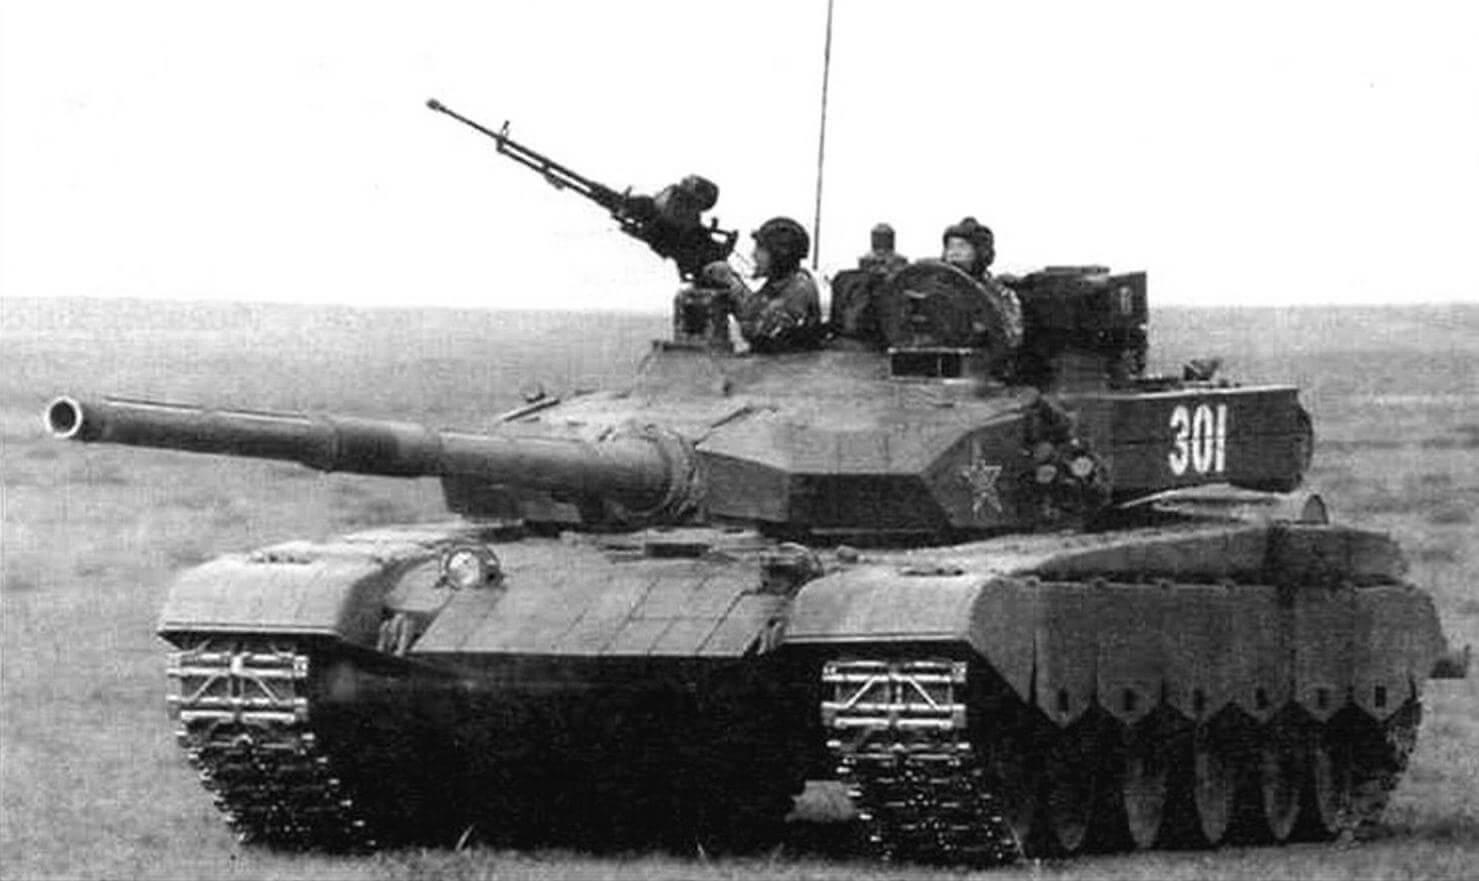 Танк Тип 99. Стрельба из пулемета по воздушной цели